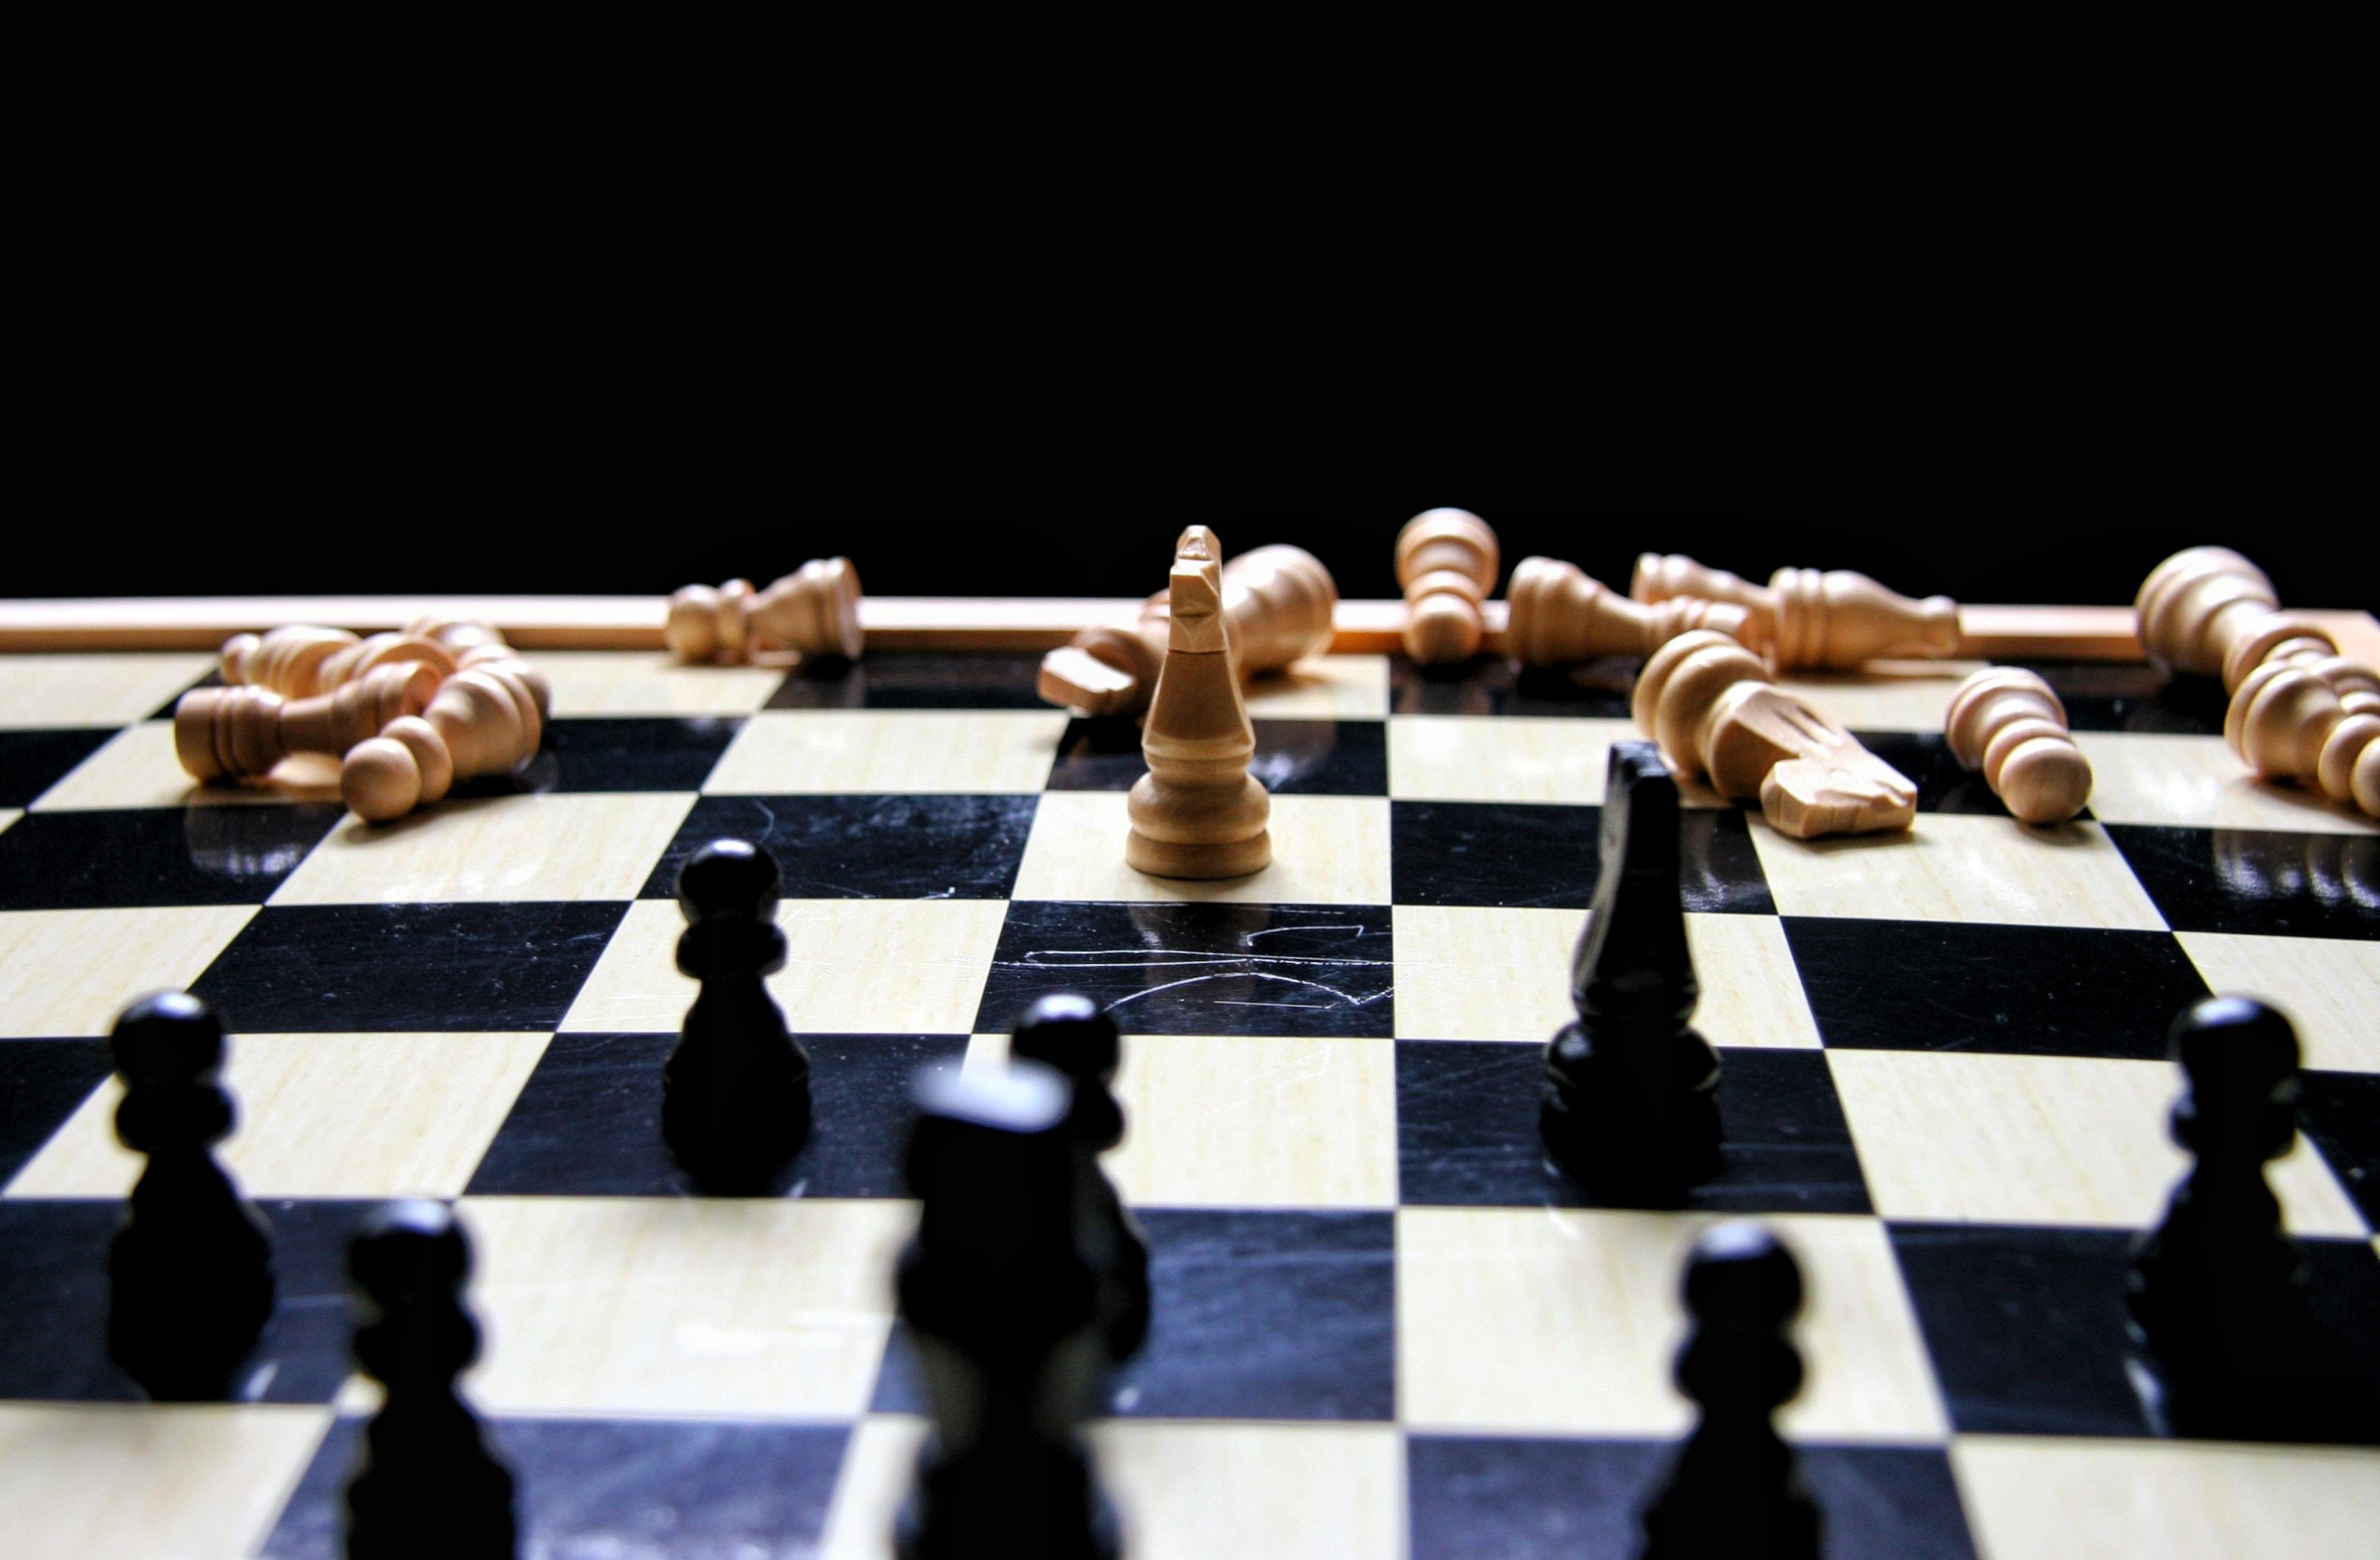 Zeigt Ihr Lebenslauf, dass Sie eine Führungskraft sind? - Experteer ...